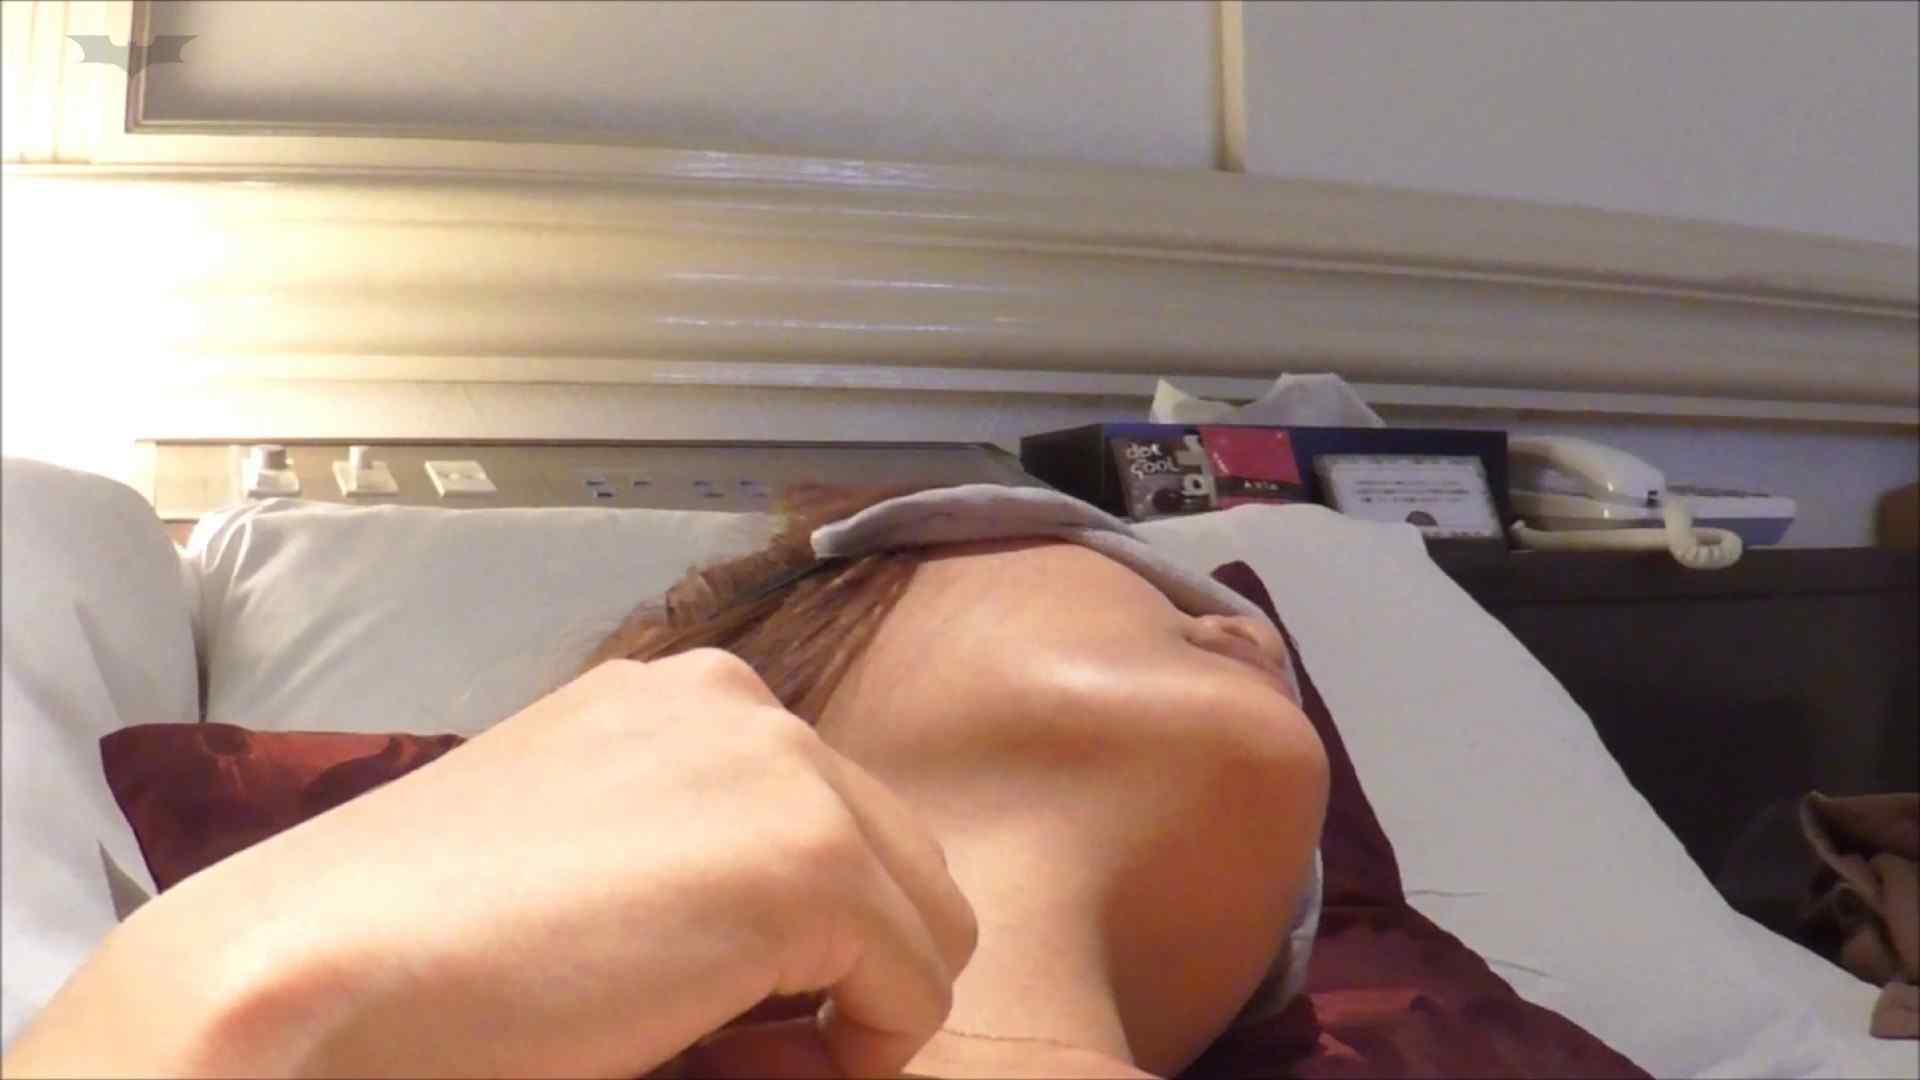 内緒でデリヘル盗撮 Vol.03中編 美肌、美人のデリ嬢にいよいよ挿入! 美肌 隠し撮りオマンコ動画紹介 93pic 39